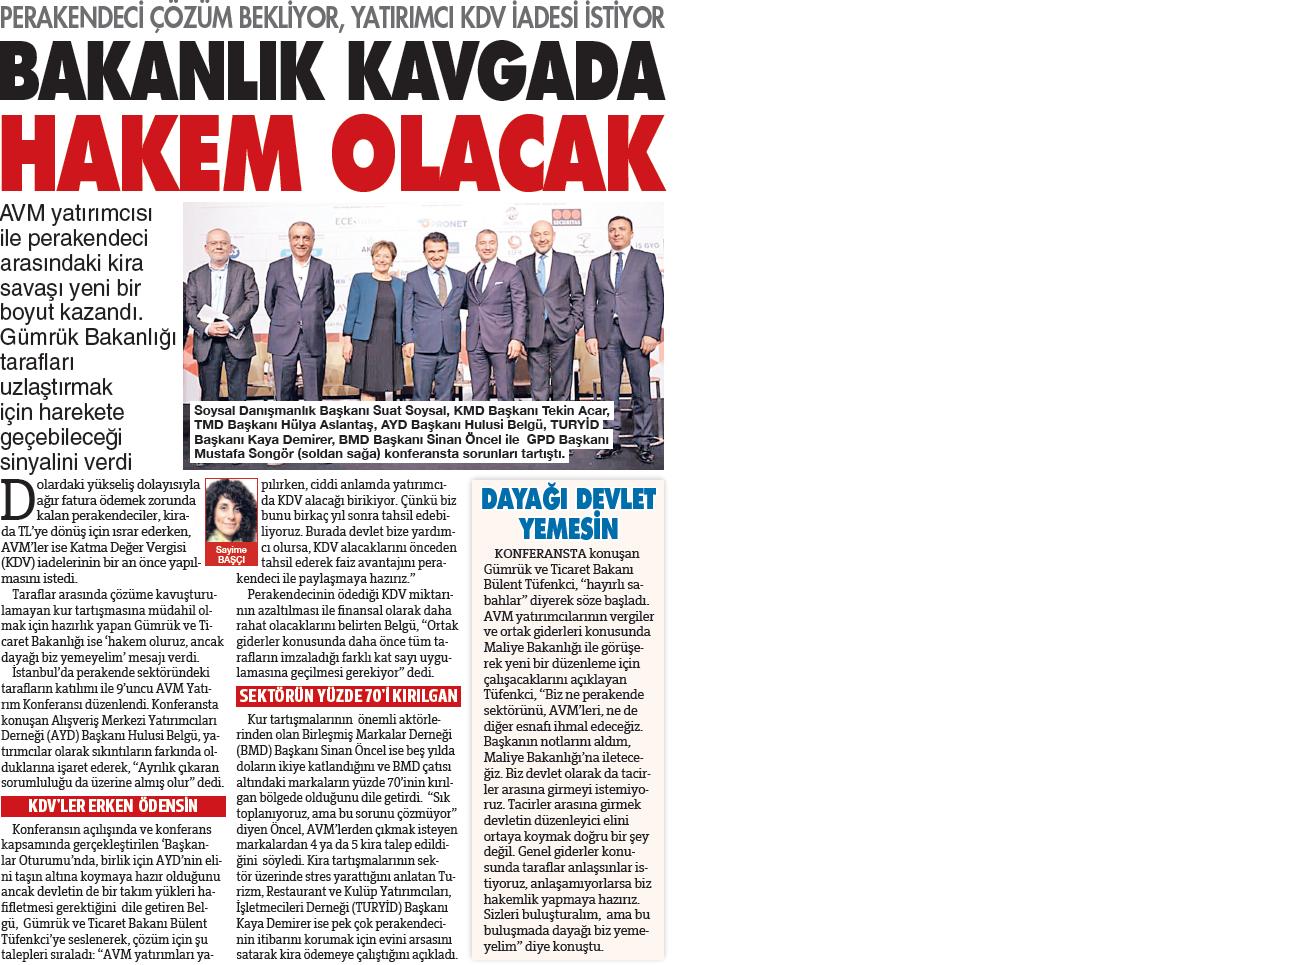 İYİ Partili Örsten havalimanı güvenlik ücreti tepkisi: Trabzona gareziniz mi var 97